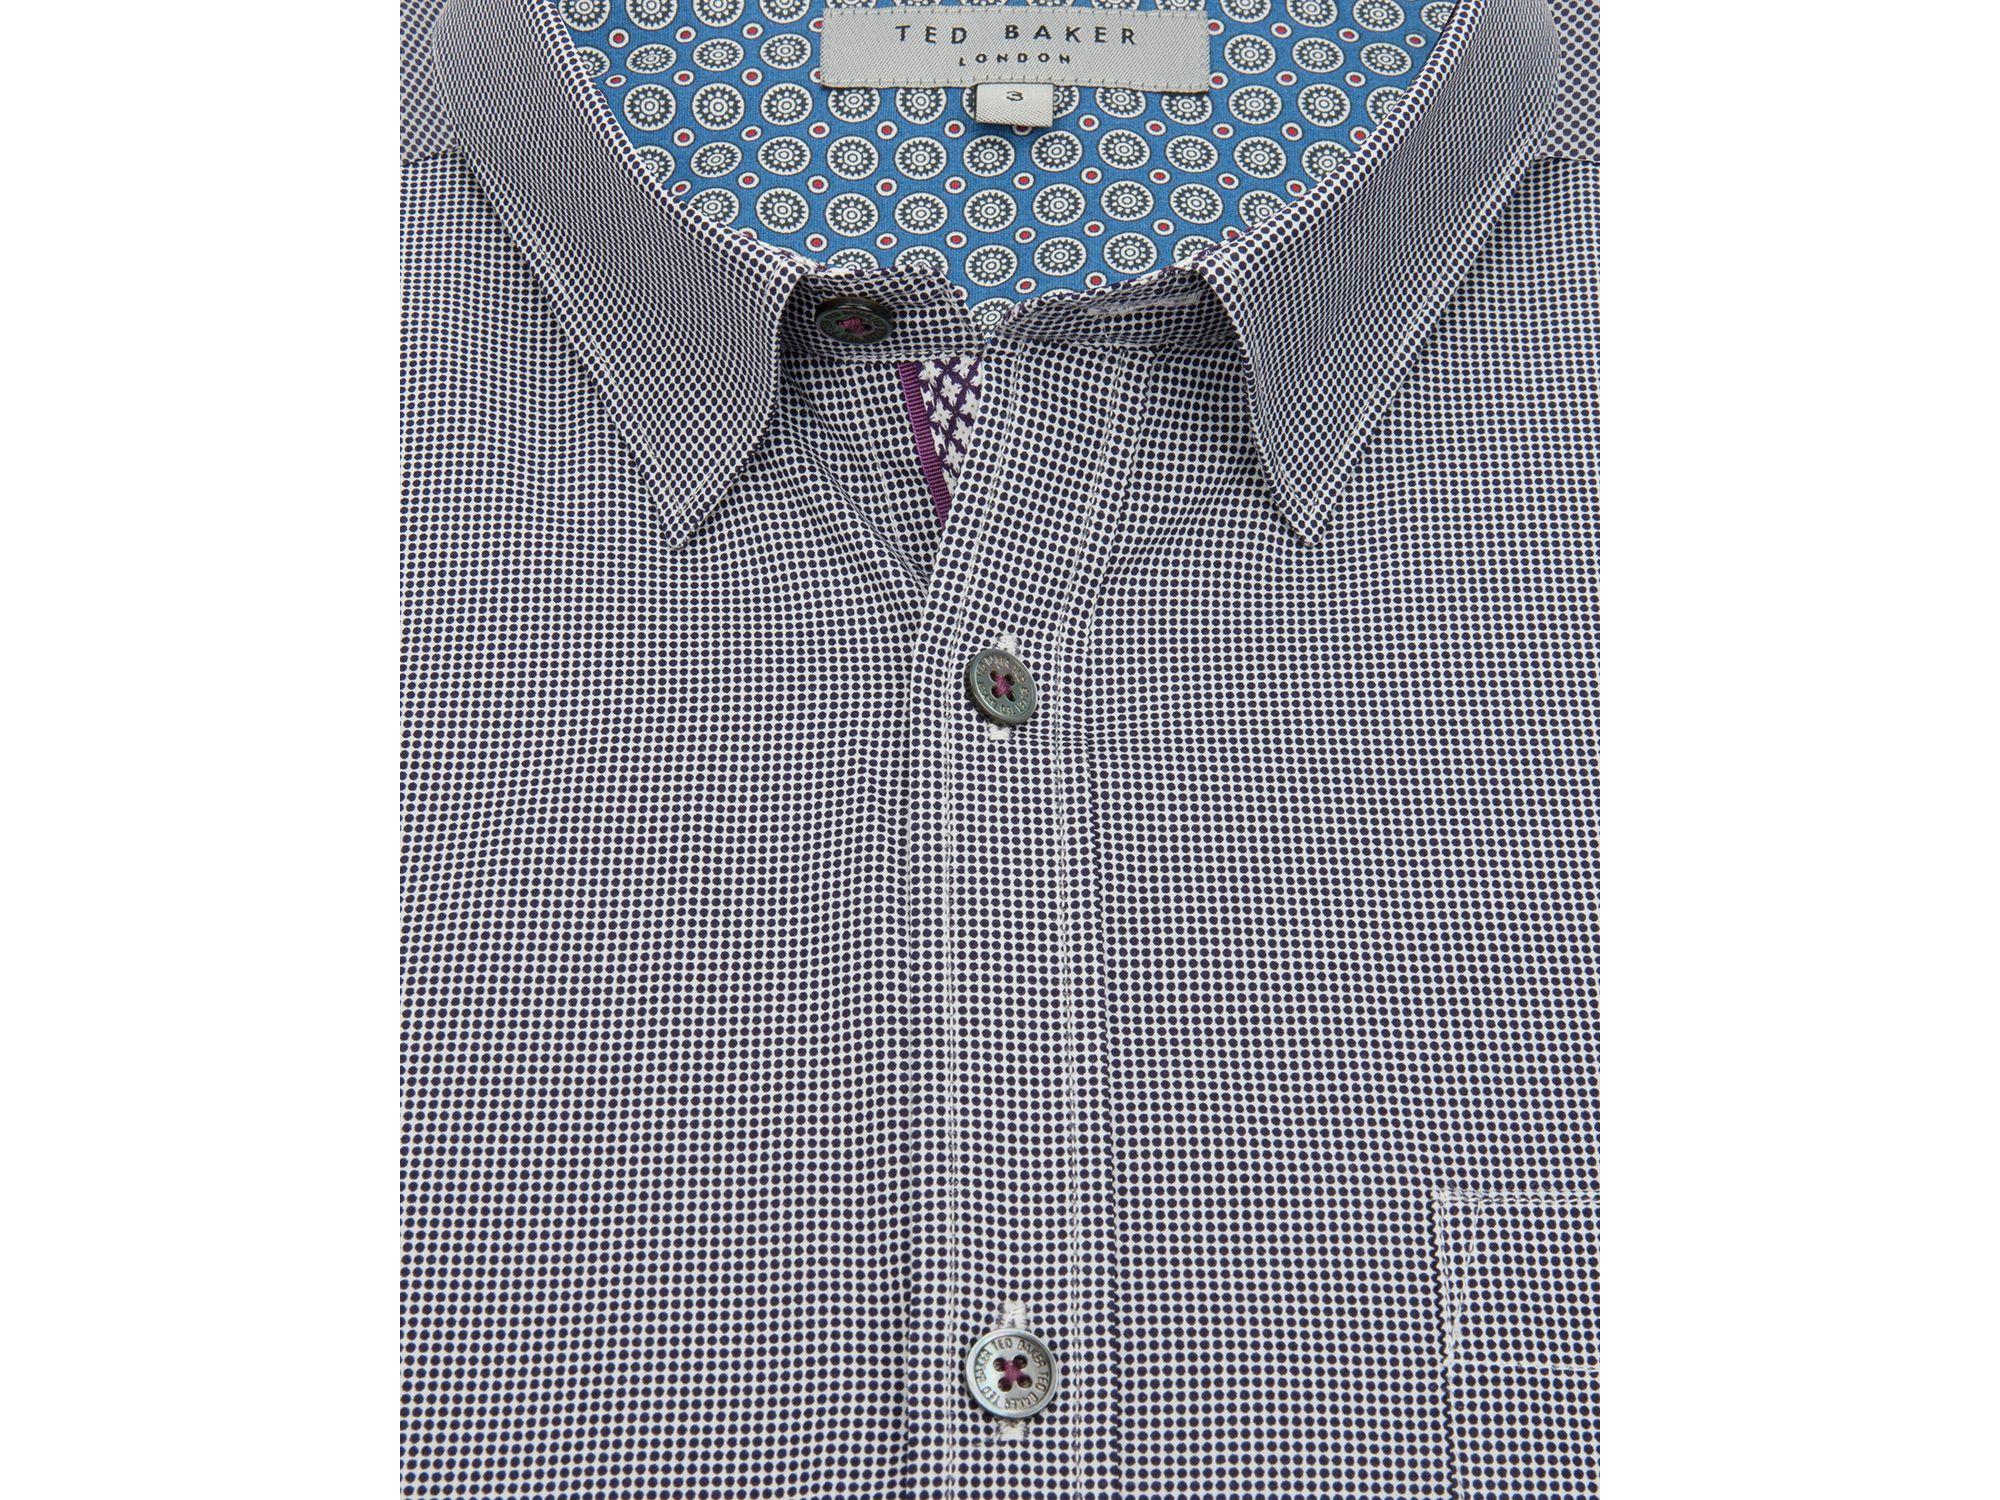 Ted Baker Spot Pattern Button Down Shirt Regular Fit In